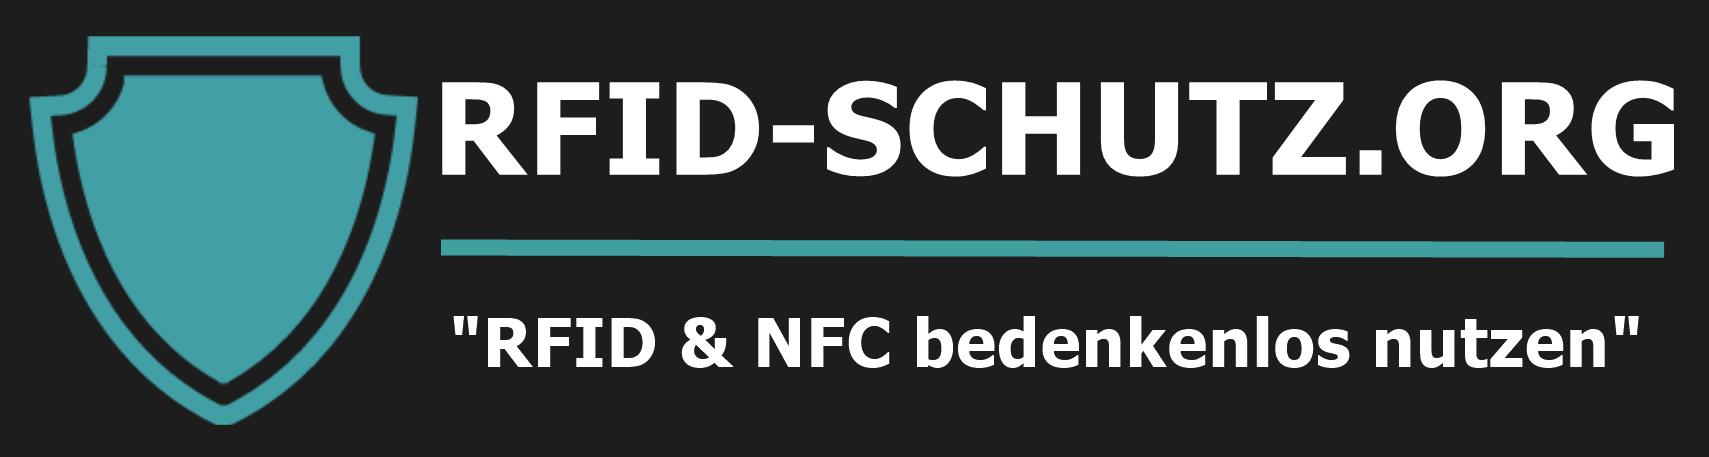 rfid-schutz.org